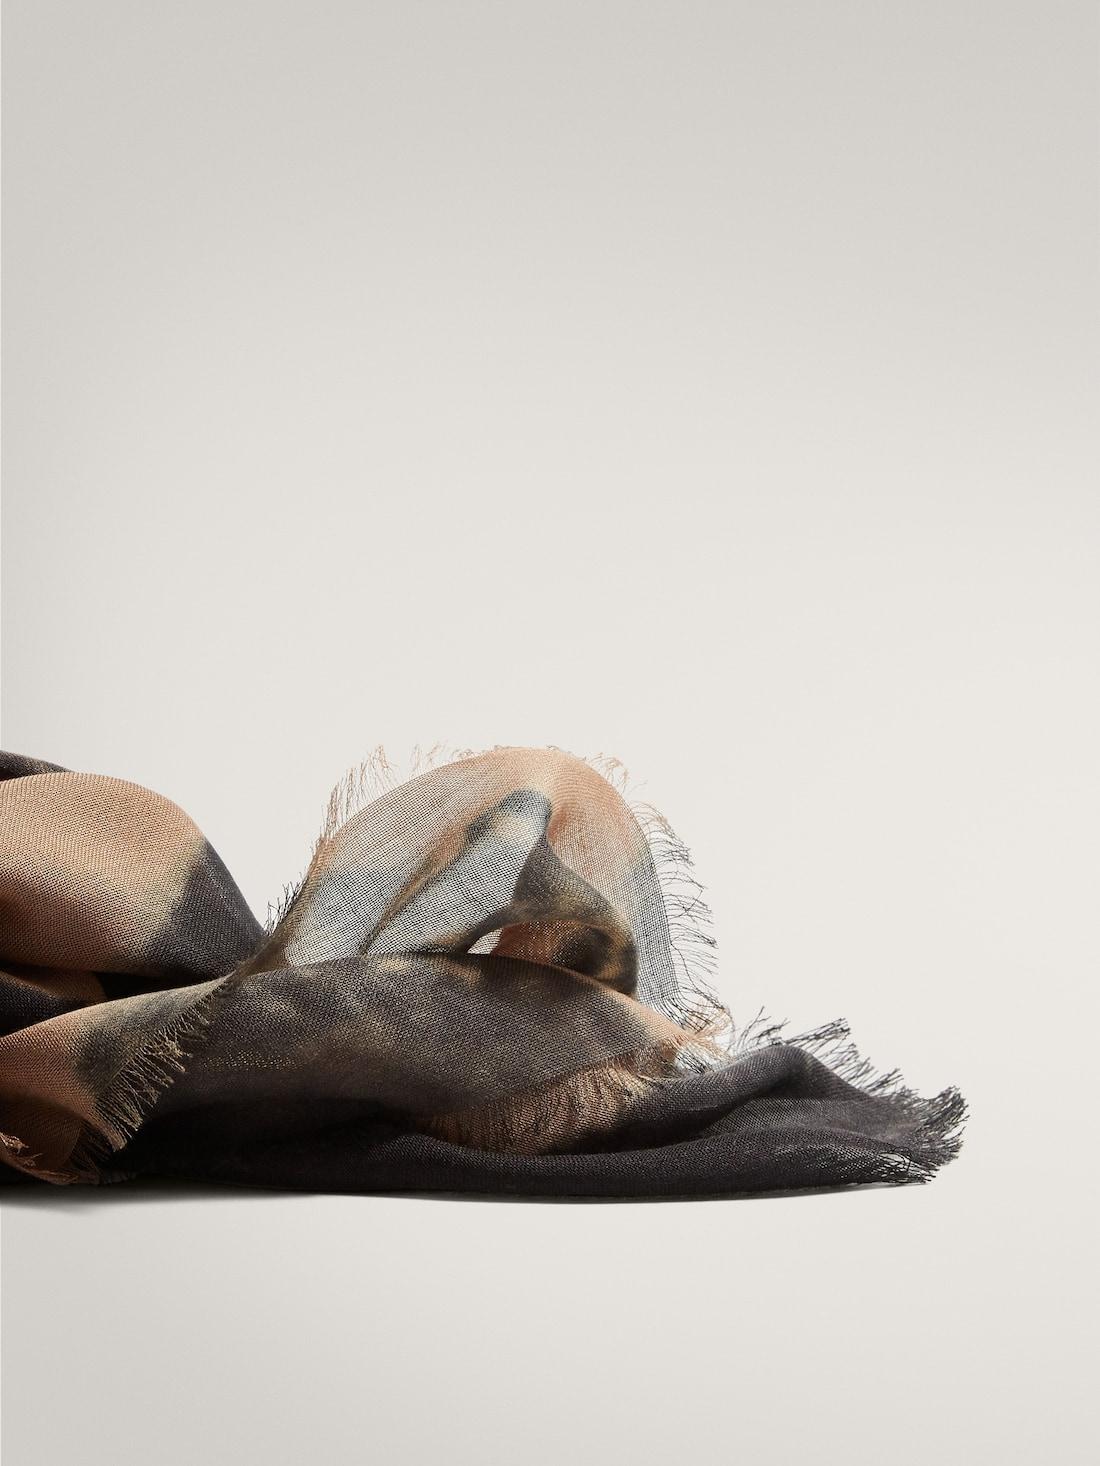 ДВУХЦВЕТНЫЙ ШАРФ ИЗ МОДАЛА И ШЕРСТИ С ПРИНТОМ БЕЖЕВЫЙ Massimo Dutti